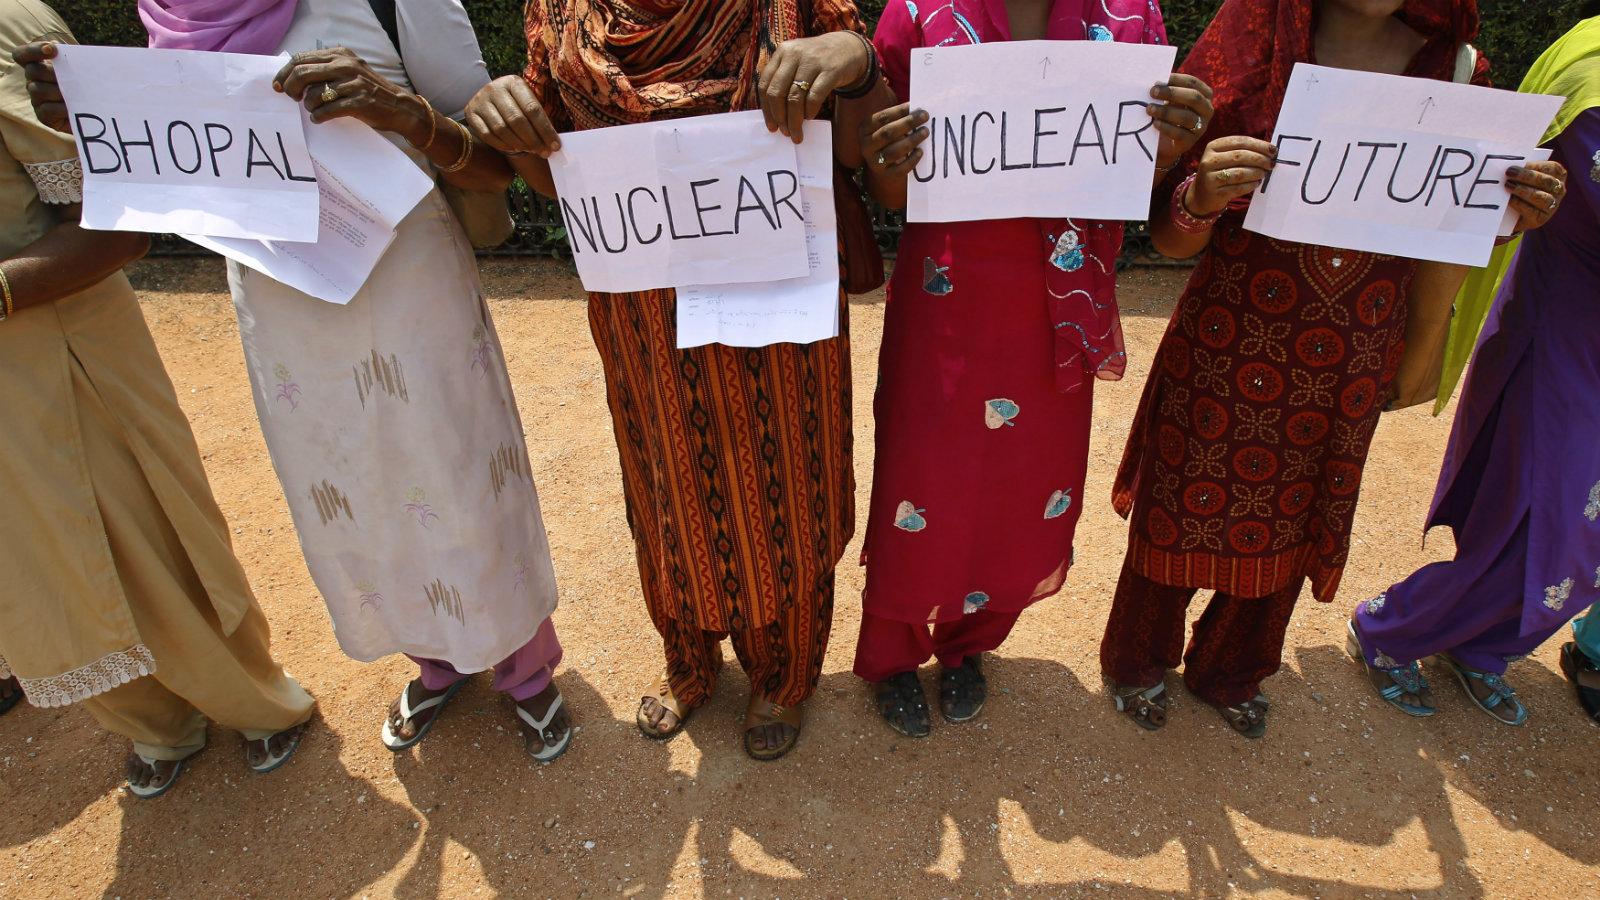 india-bhopal-gas-tragedy